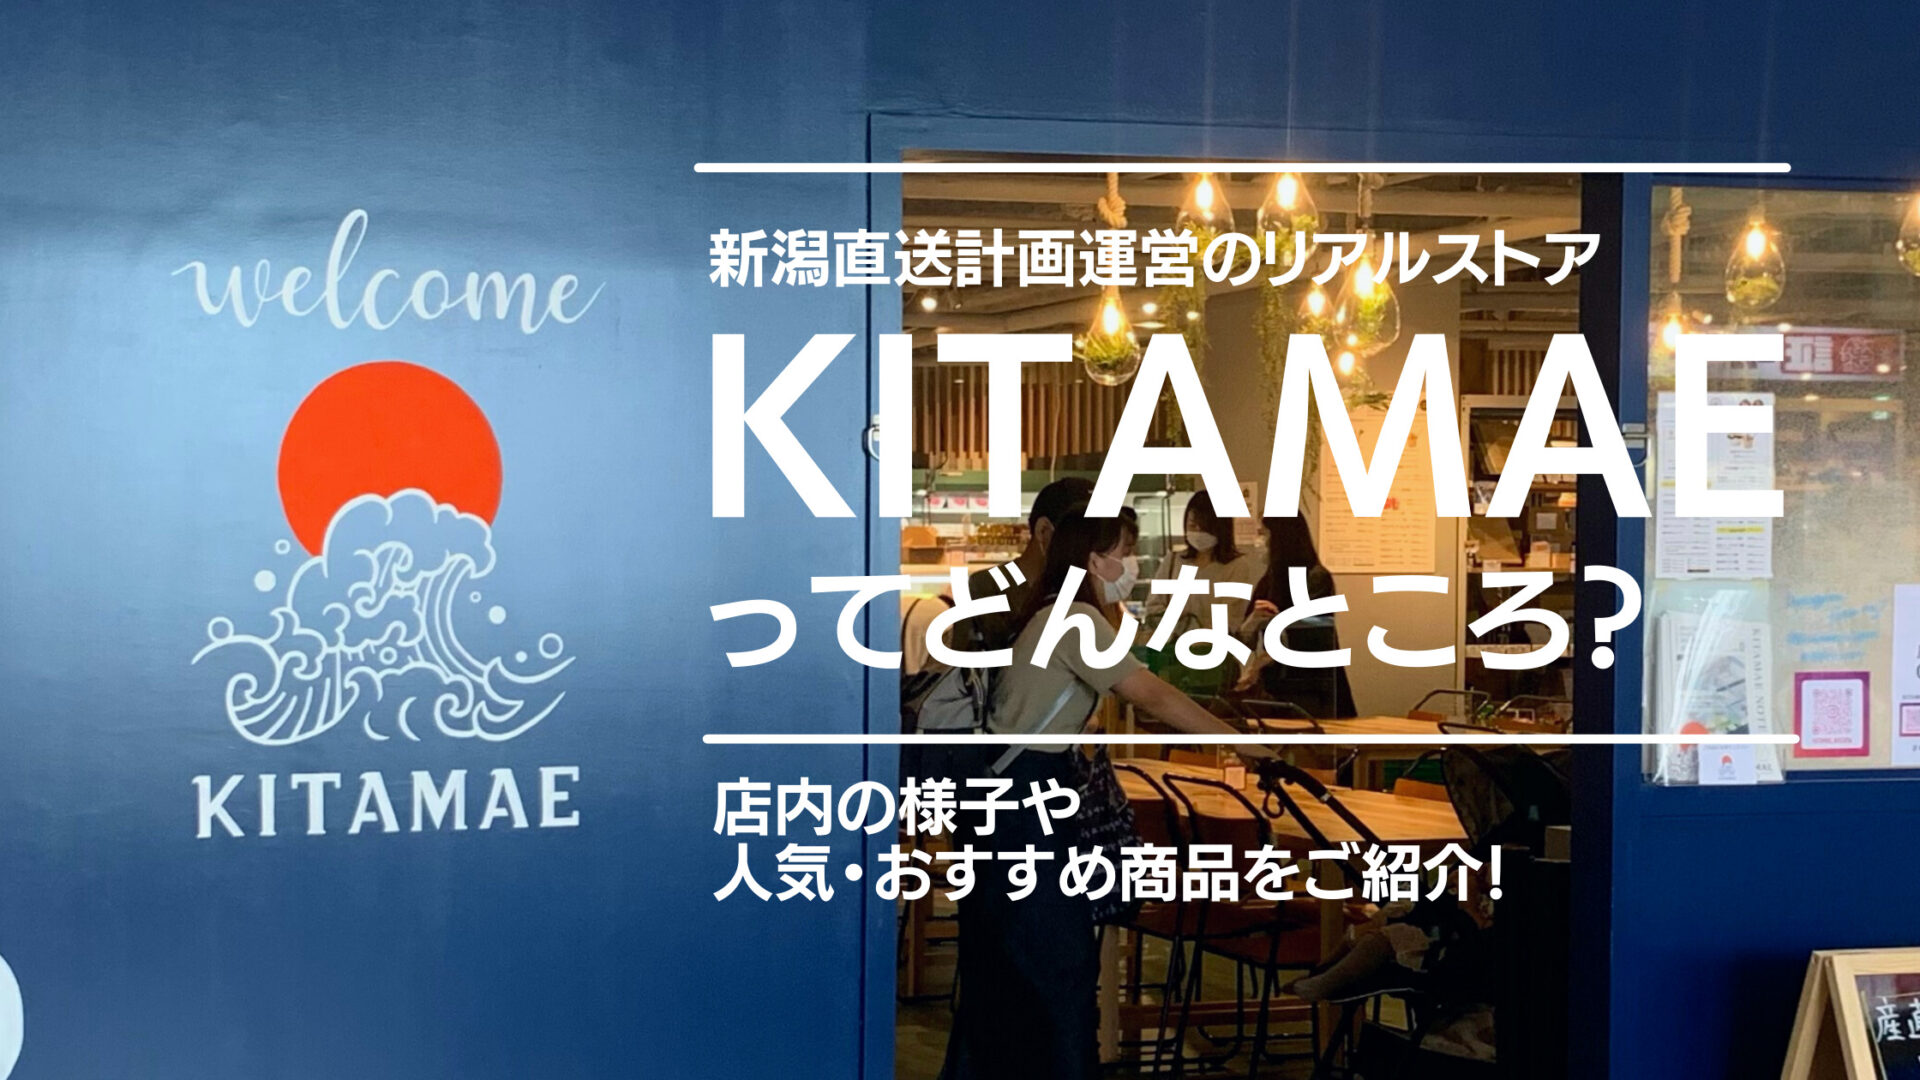 デッキ―401に新しく出来た「KITAMAE」ってどんなところ?新潟直送計画運営のリアルストア